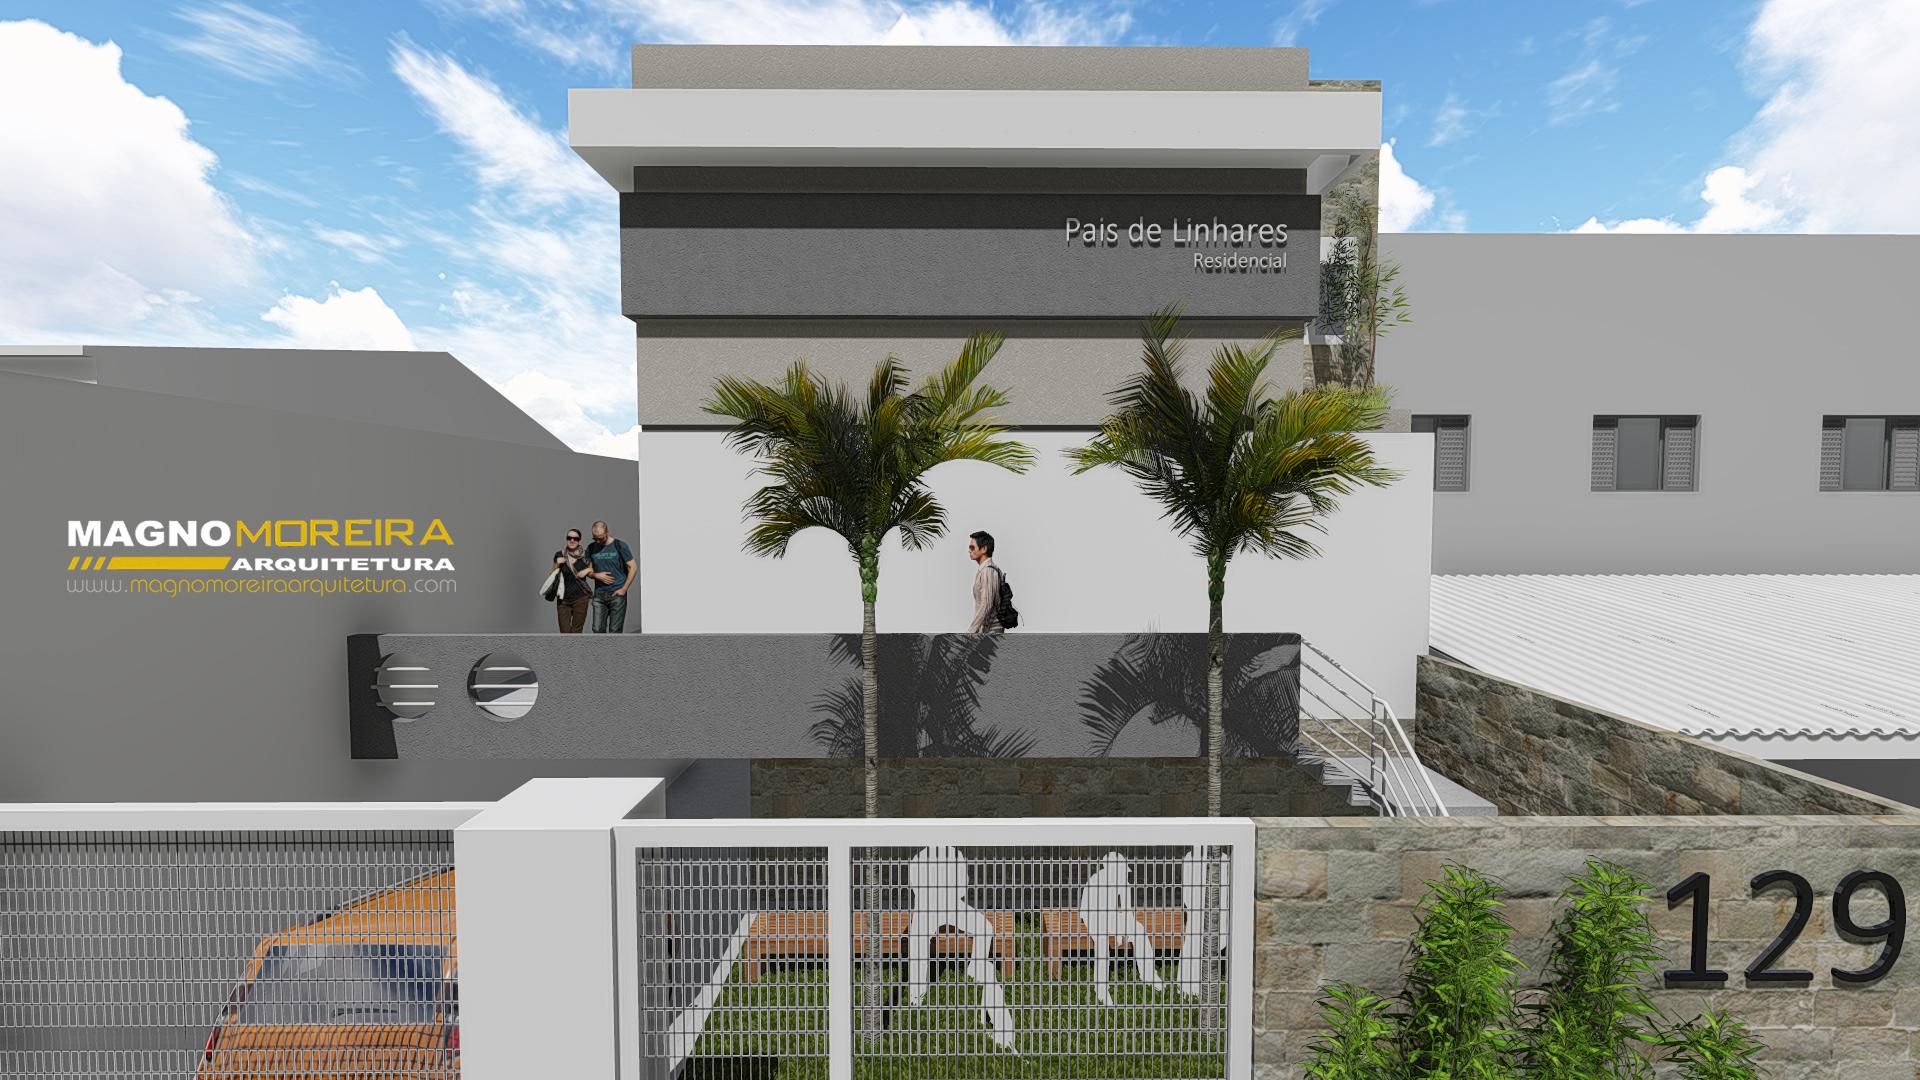 Residencial Pais de Linhares